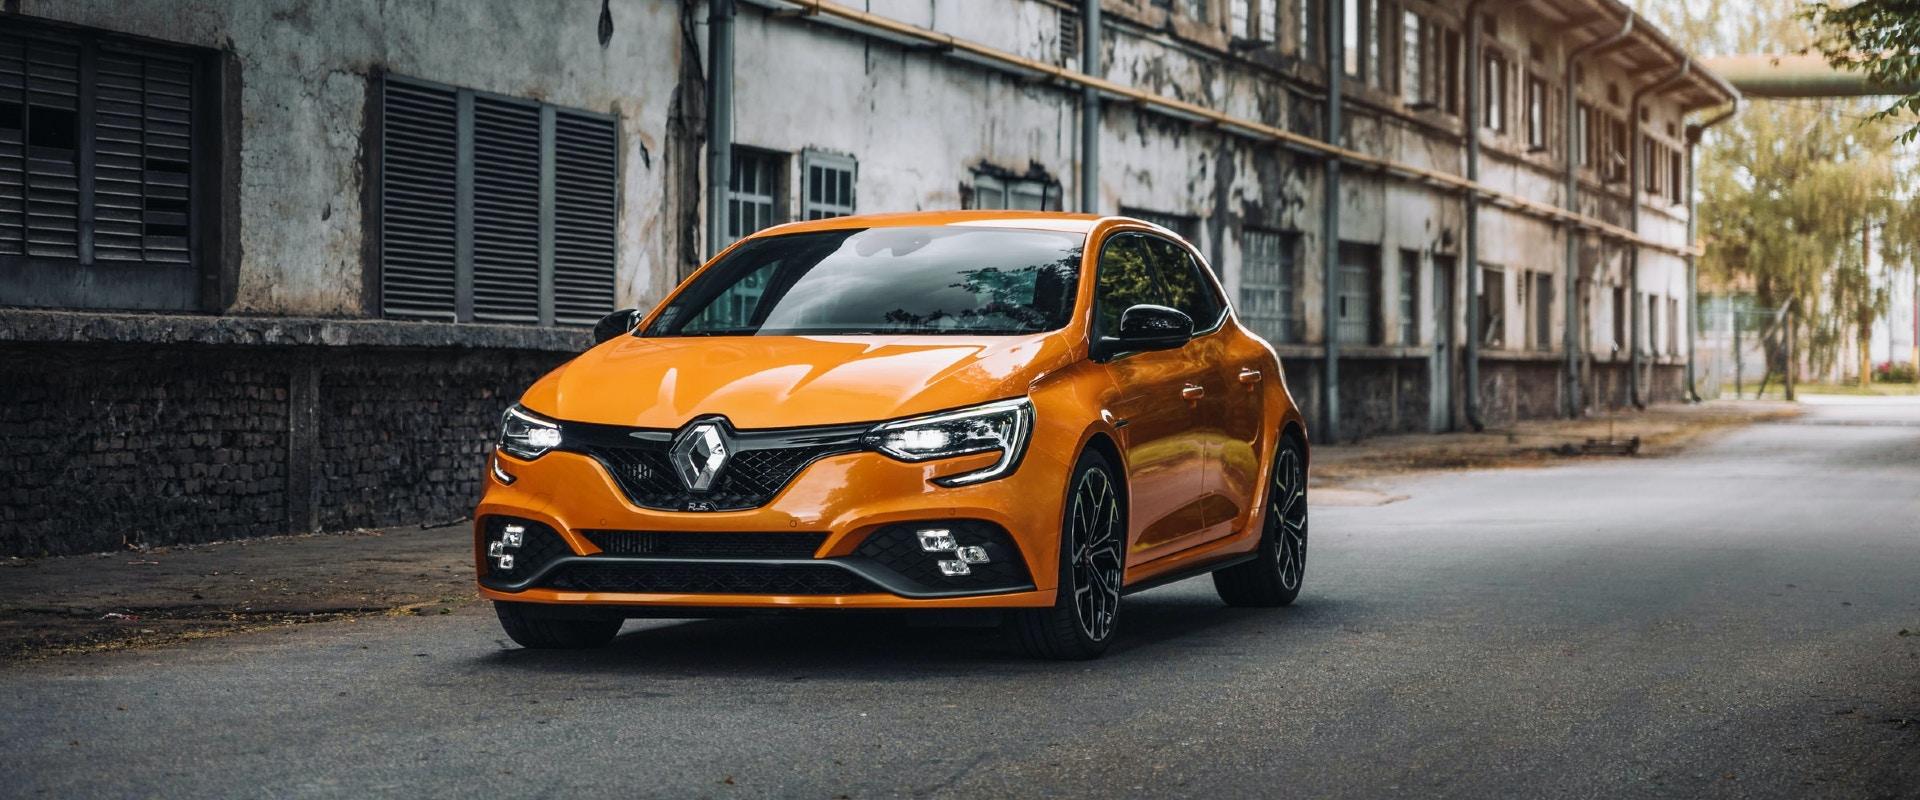 Jetzt Renault leasen